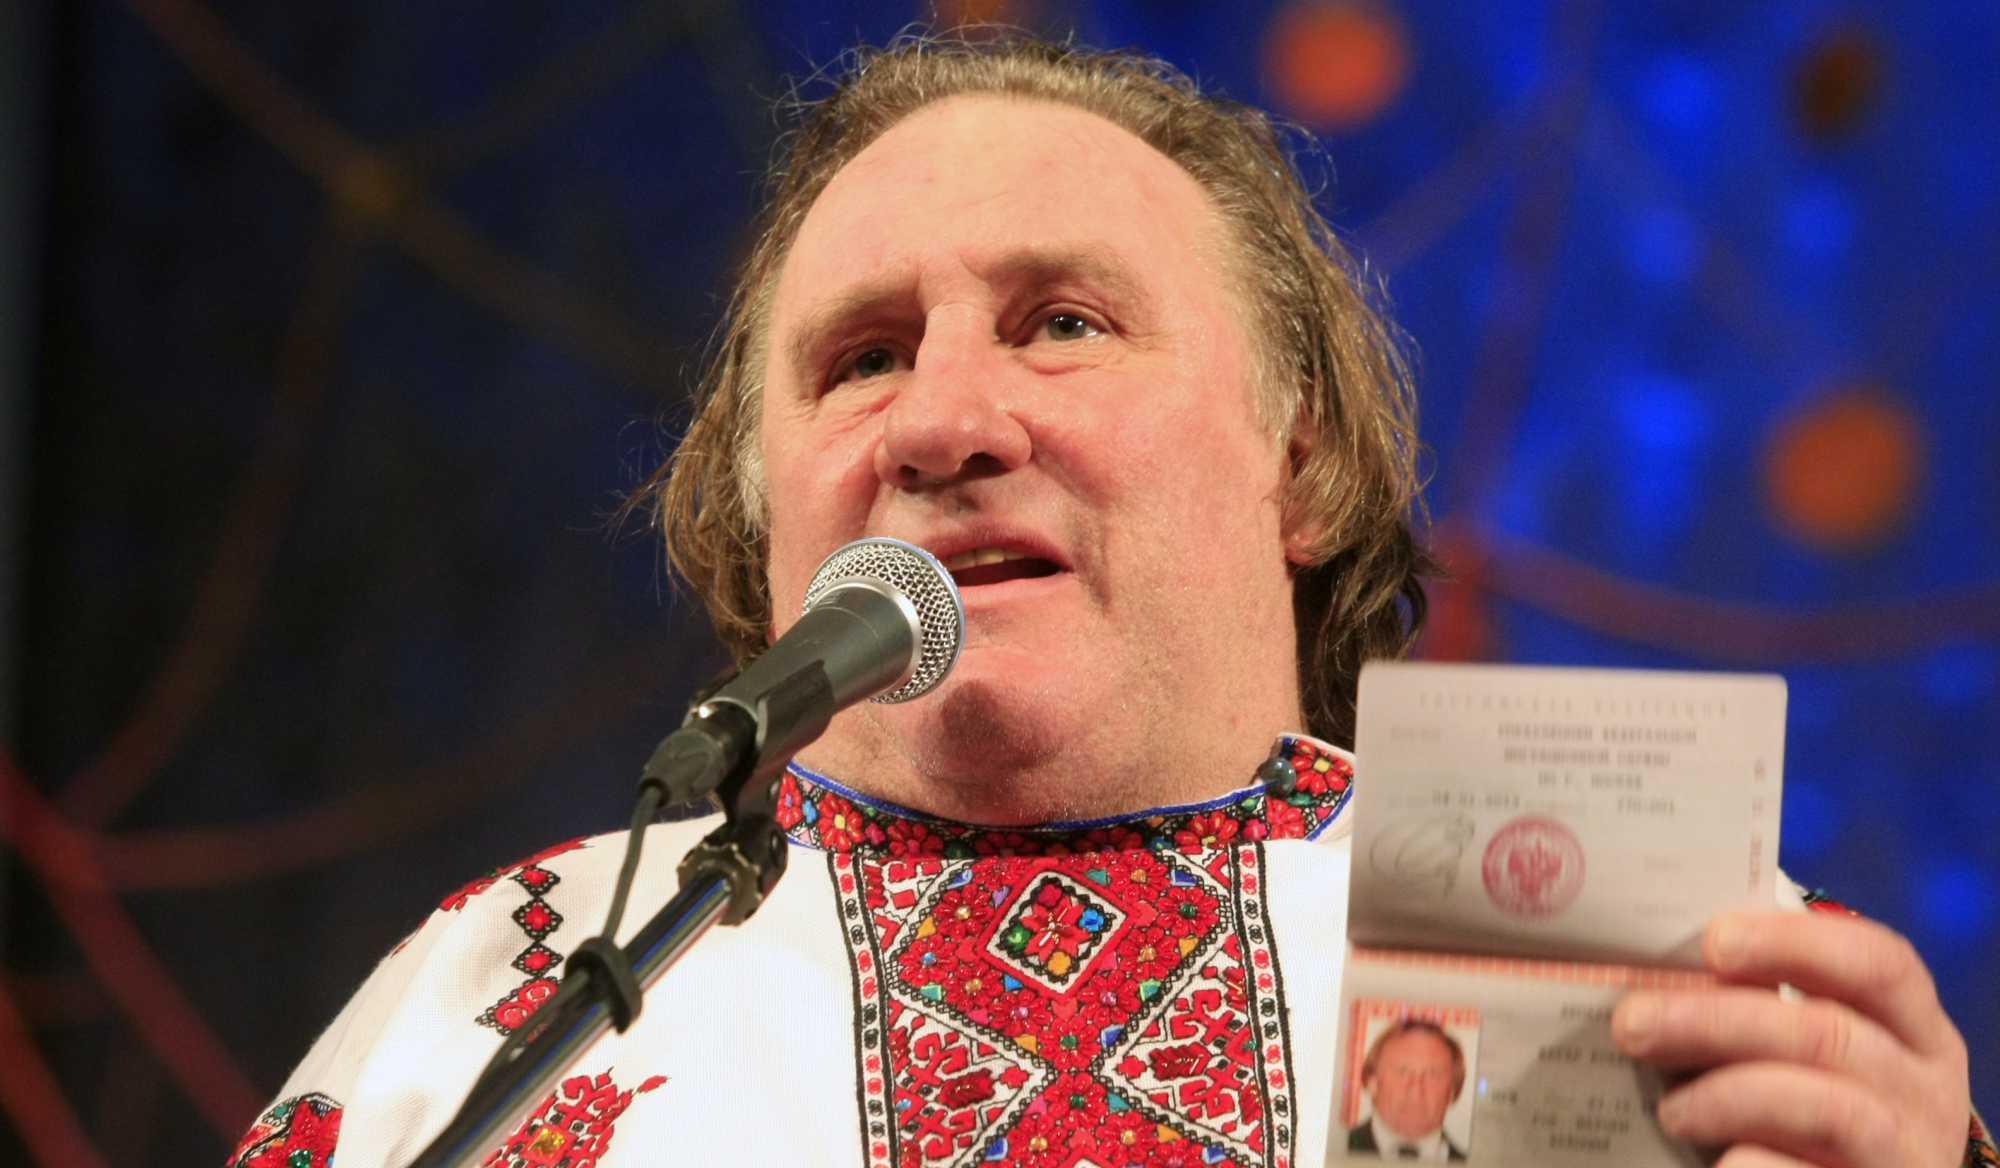 Жерар Депардье, видимо, хорошо изучил региональные финансы, поскольку решил осчастливить своими налогами именно Мордовию, один из самых закредитованных регионов. Фото: sukharenko.com